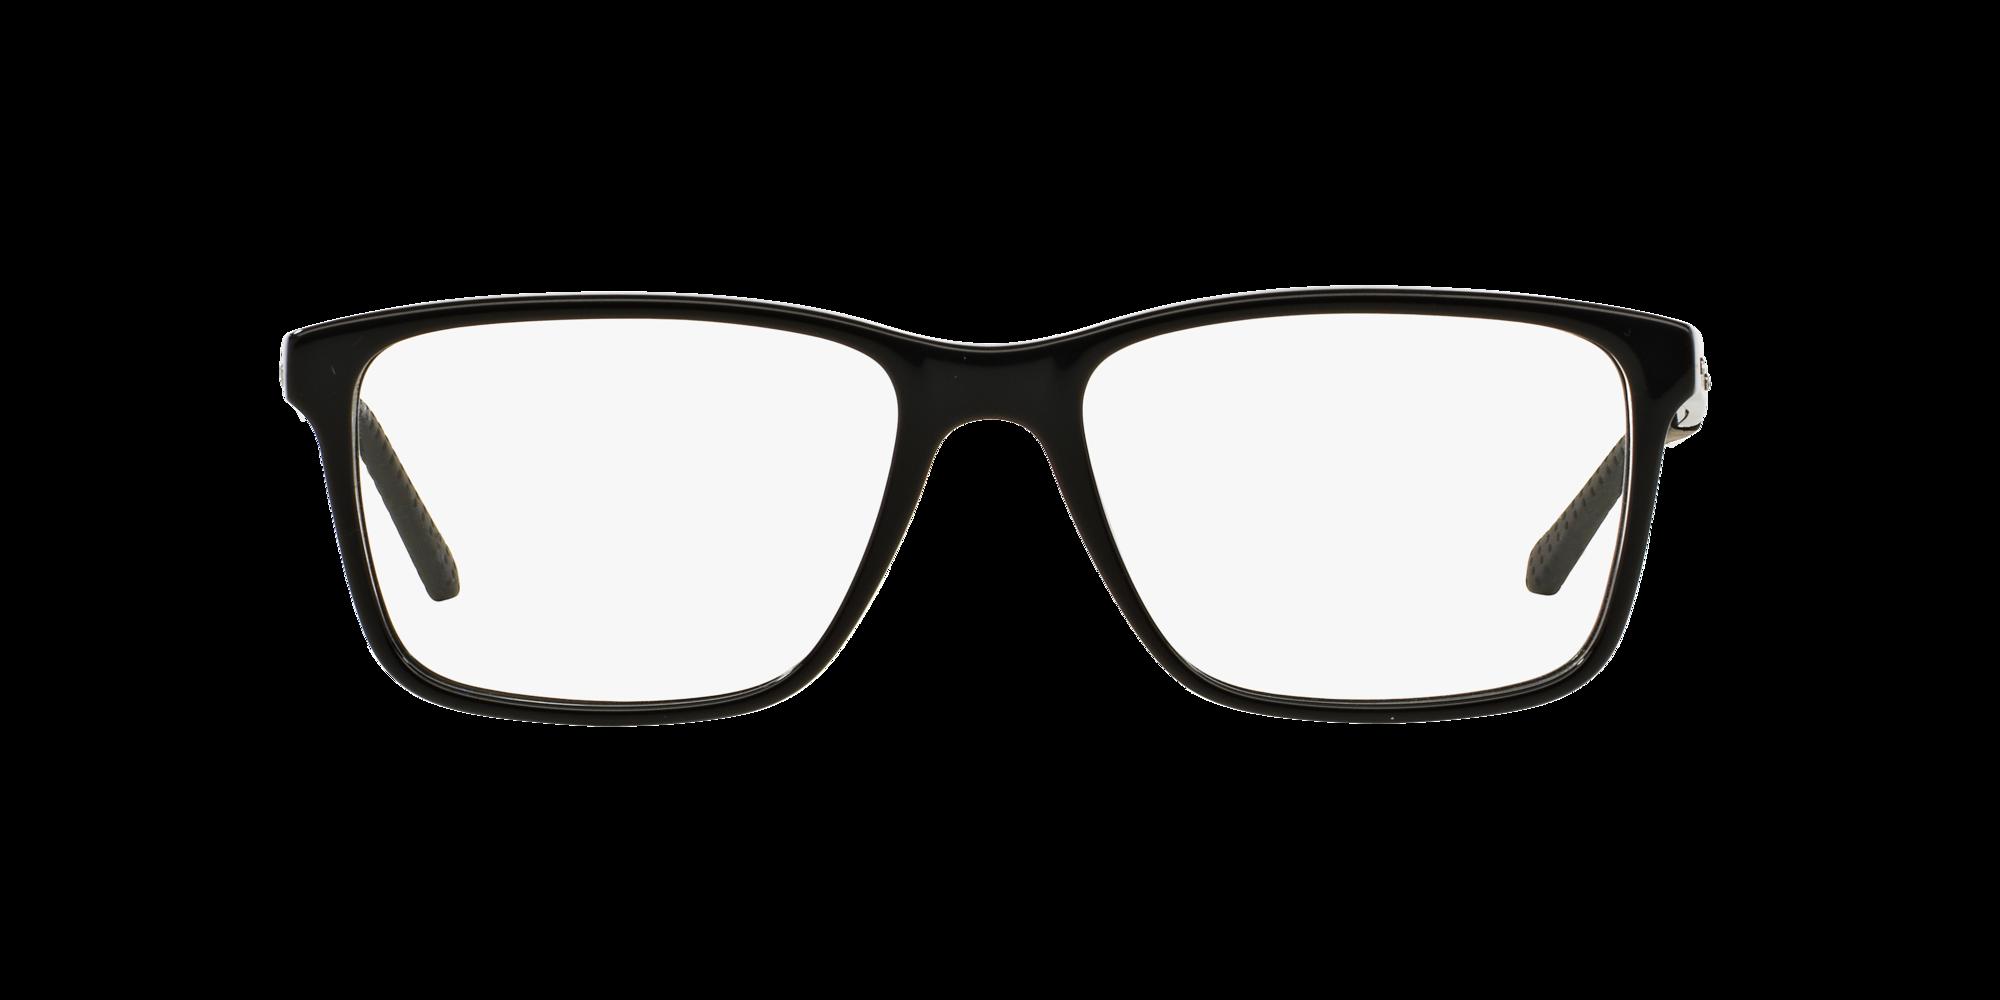 Imagen para RL6133 de LensCrafters |  Espejuelos, espejuelos graduados en línea, gafas